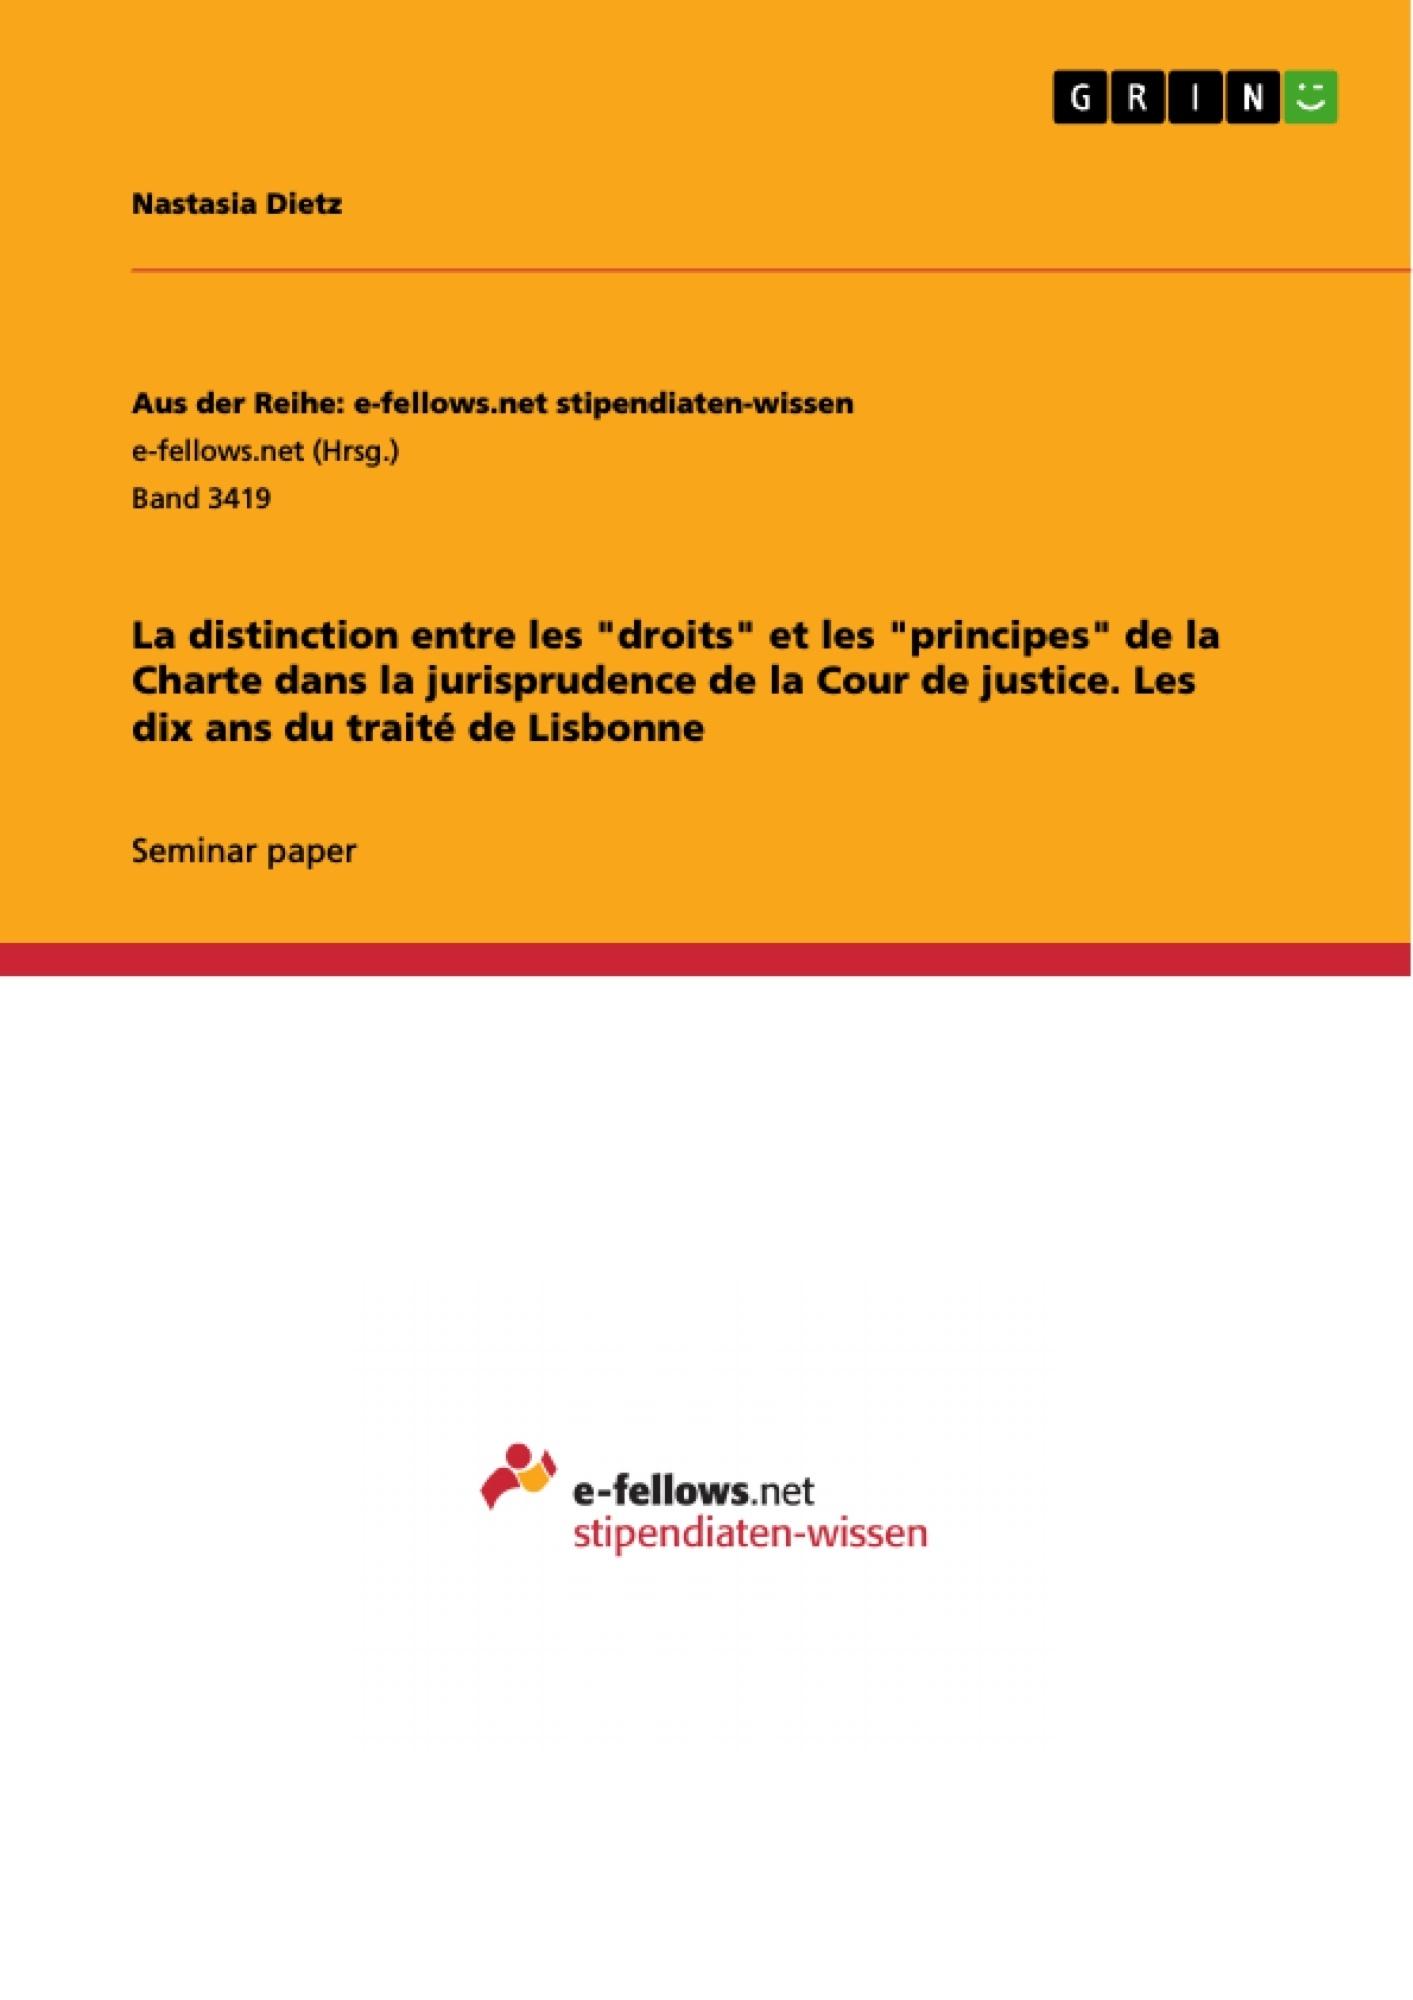 """Titre: La distinction entre les """"droits"""" et les """"principes"""" de la Charte dans la jurisprudence de la Cour de justice. Les dix ans du traité de Lisbonne"""